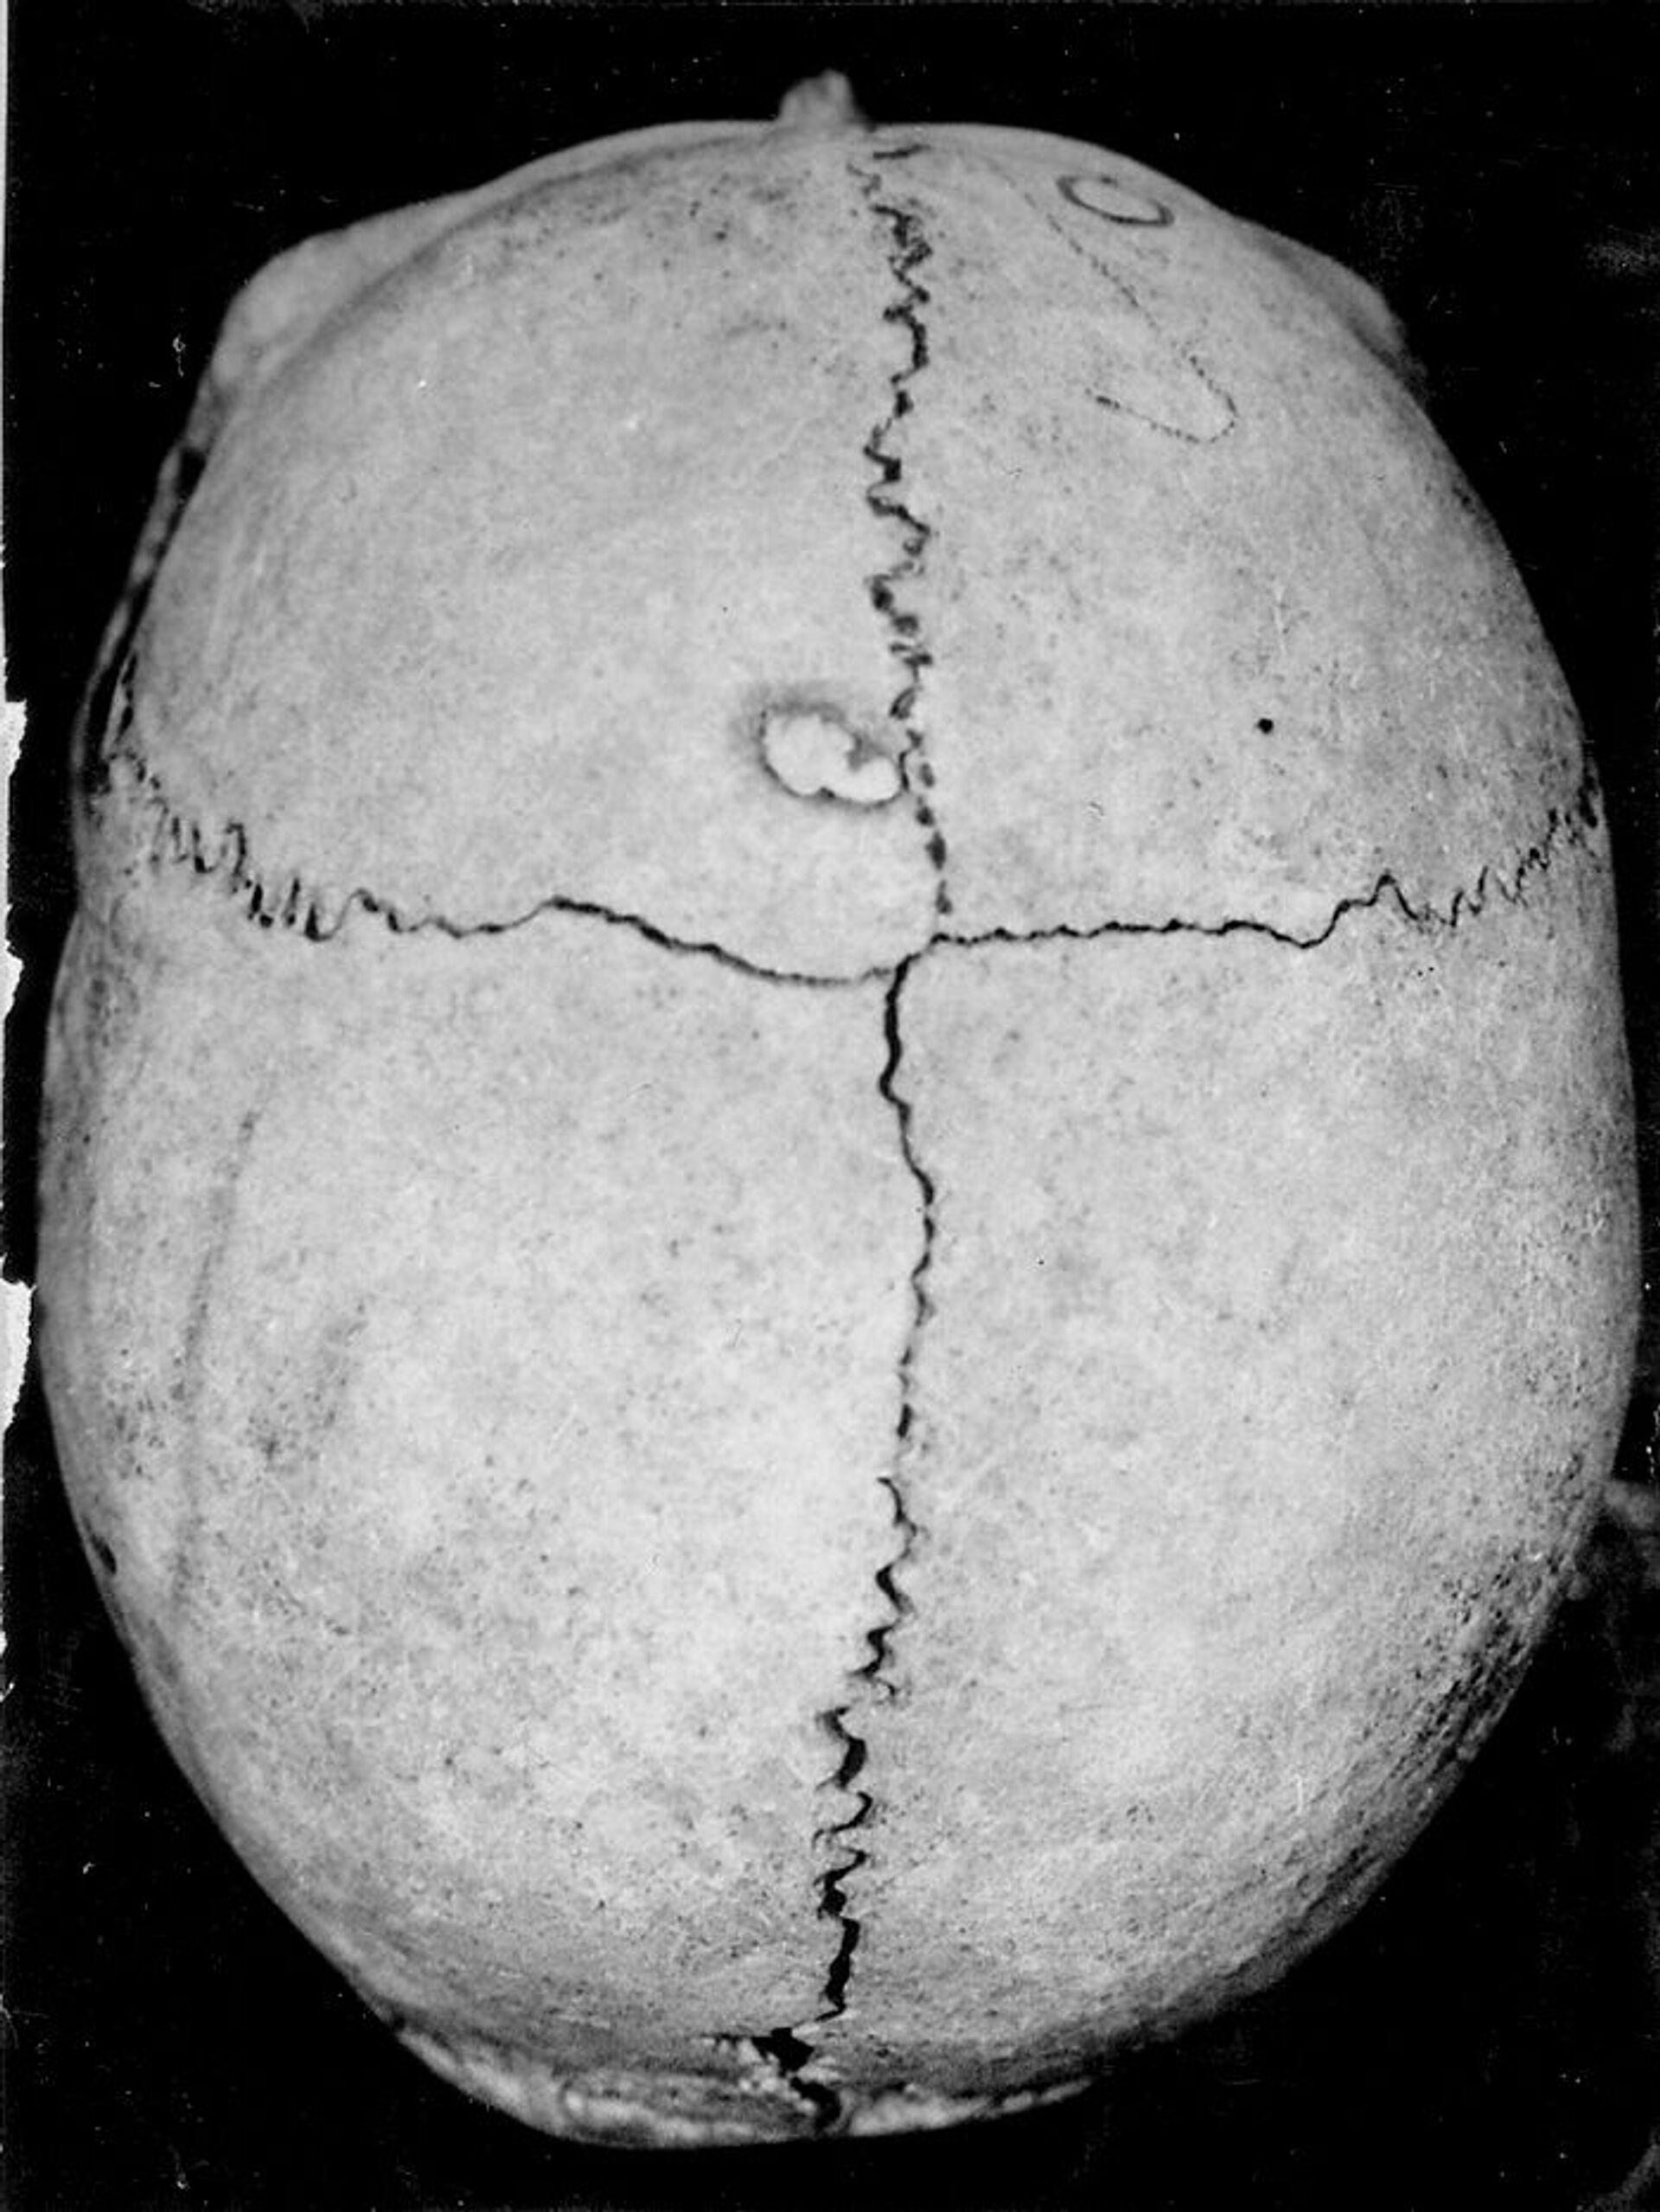 Как выглядели наши далекие предки, и как они делали трепанацию черепа - находки в Лчашене - Sputnik Армения, 1920, 09.05.2021